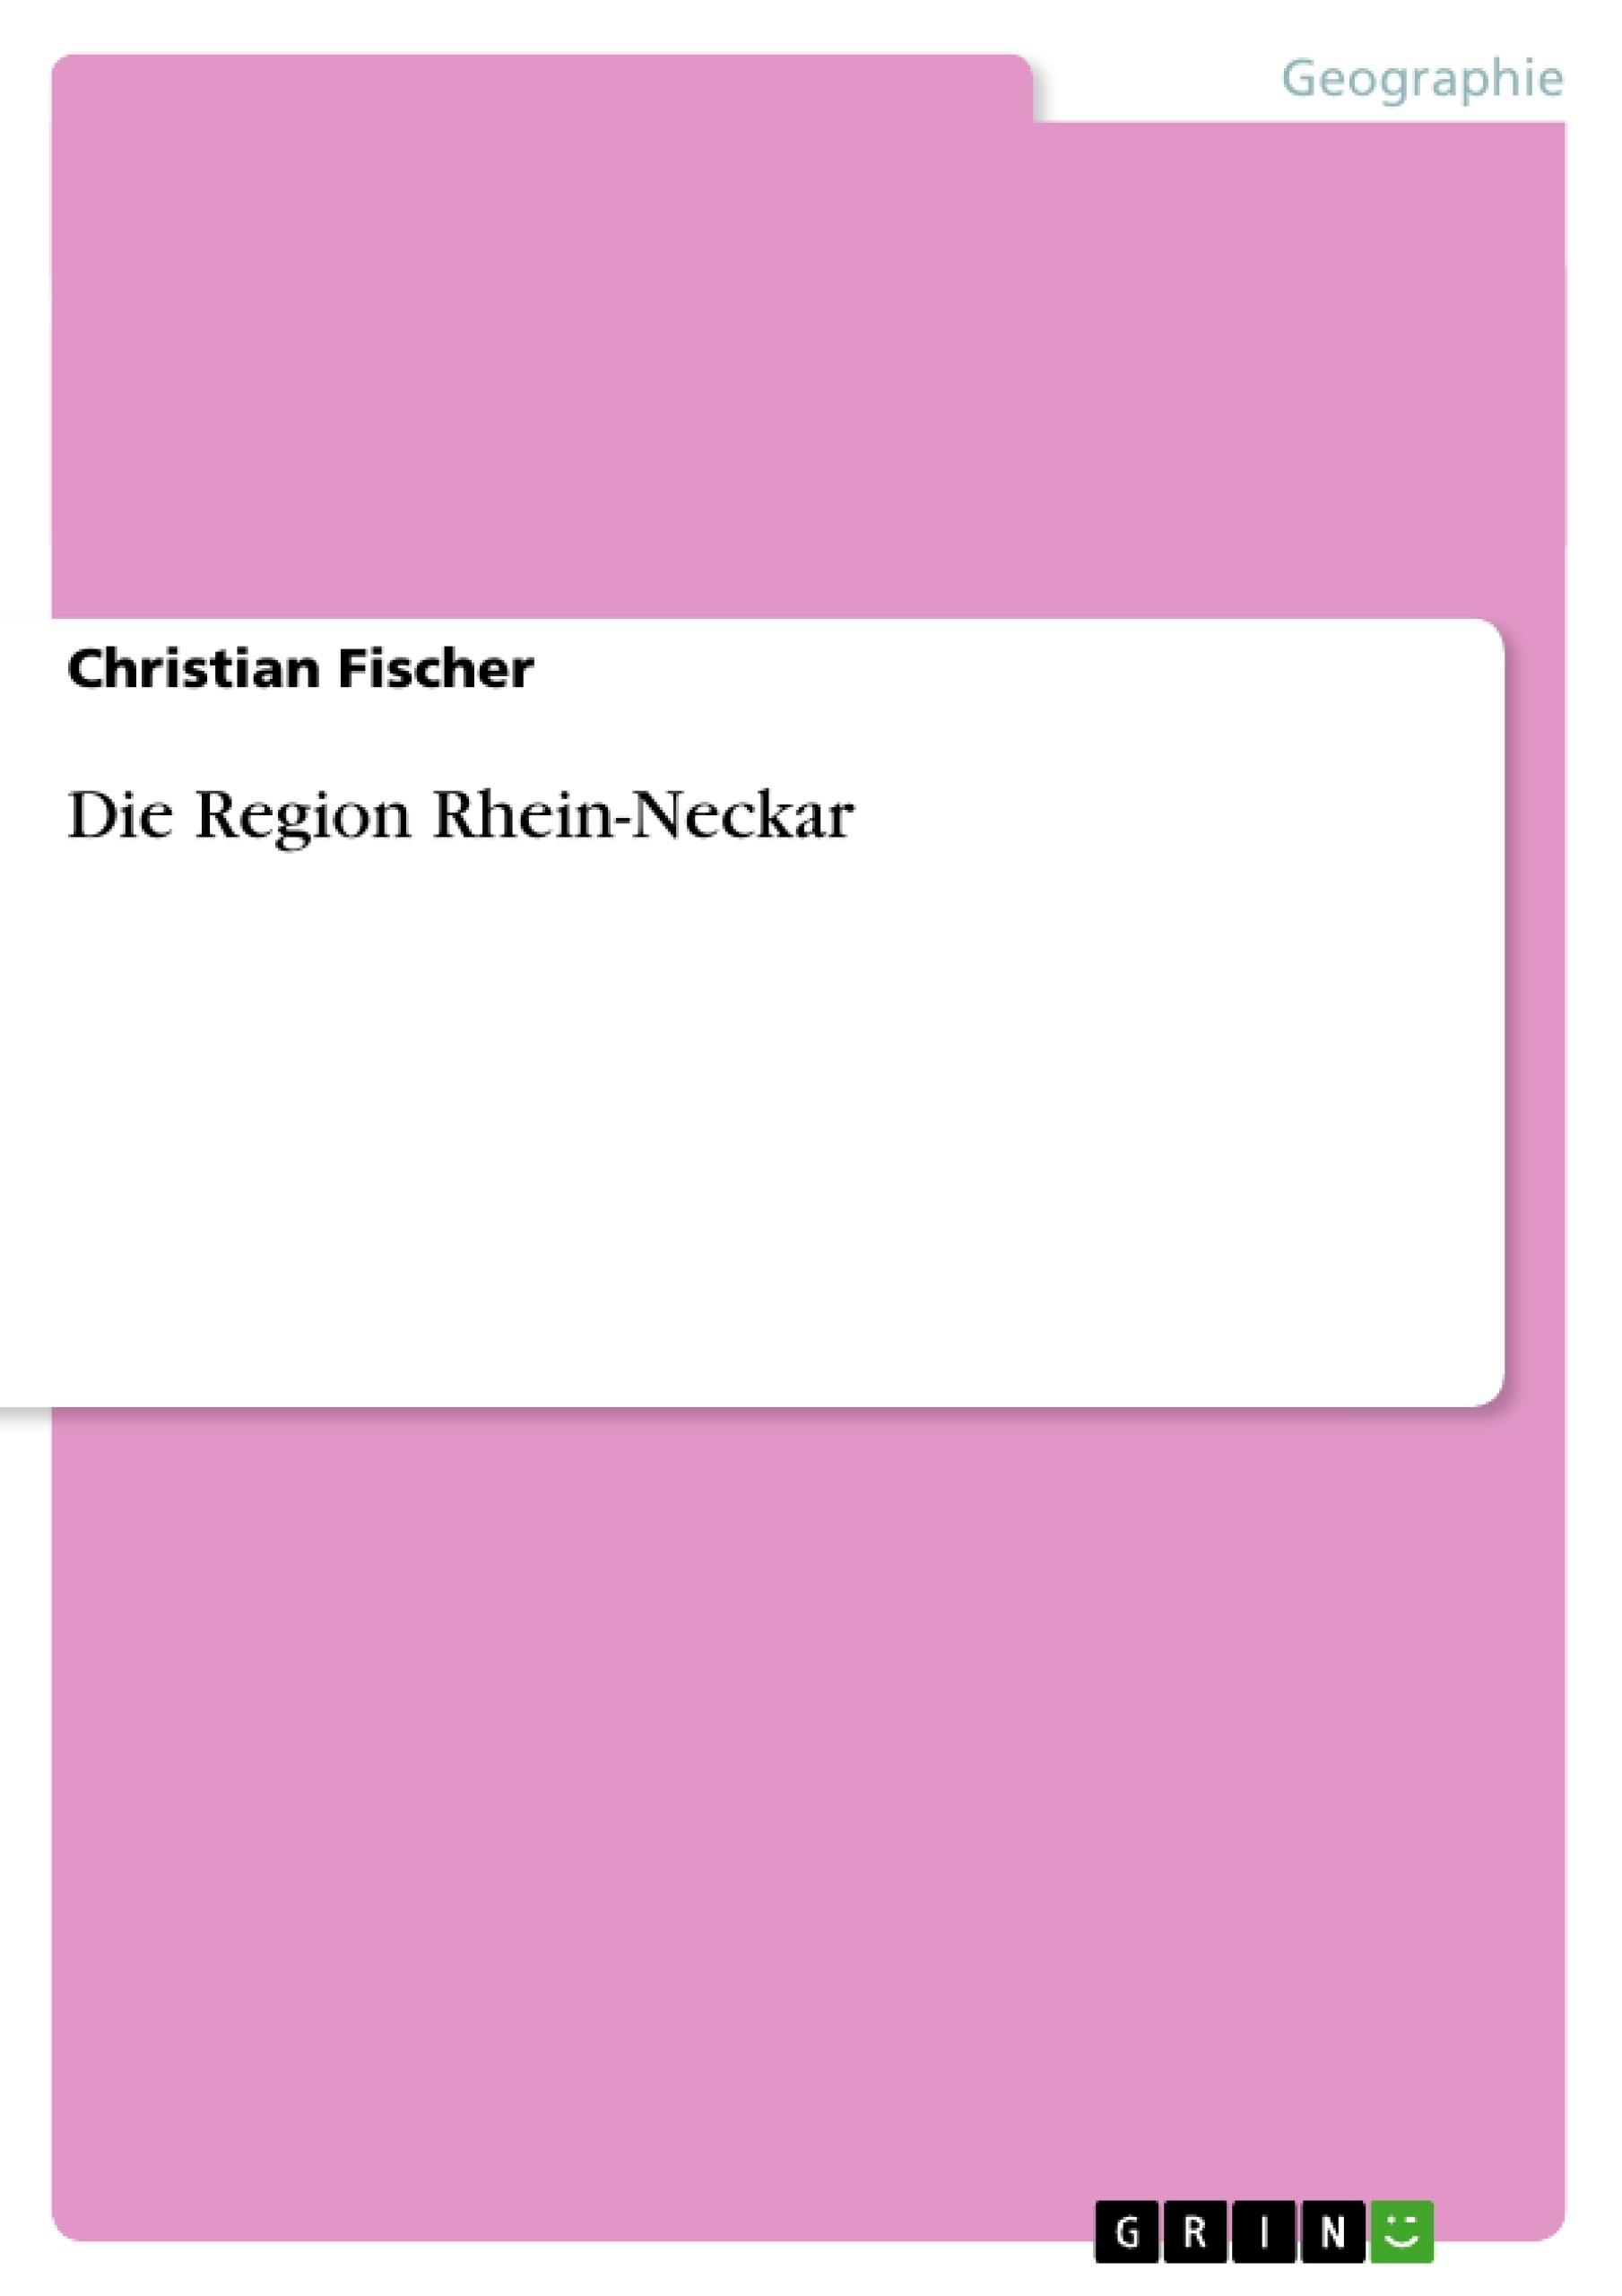 Titel: Die Region Rhein-Neckar